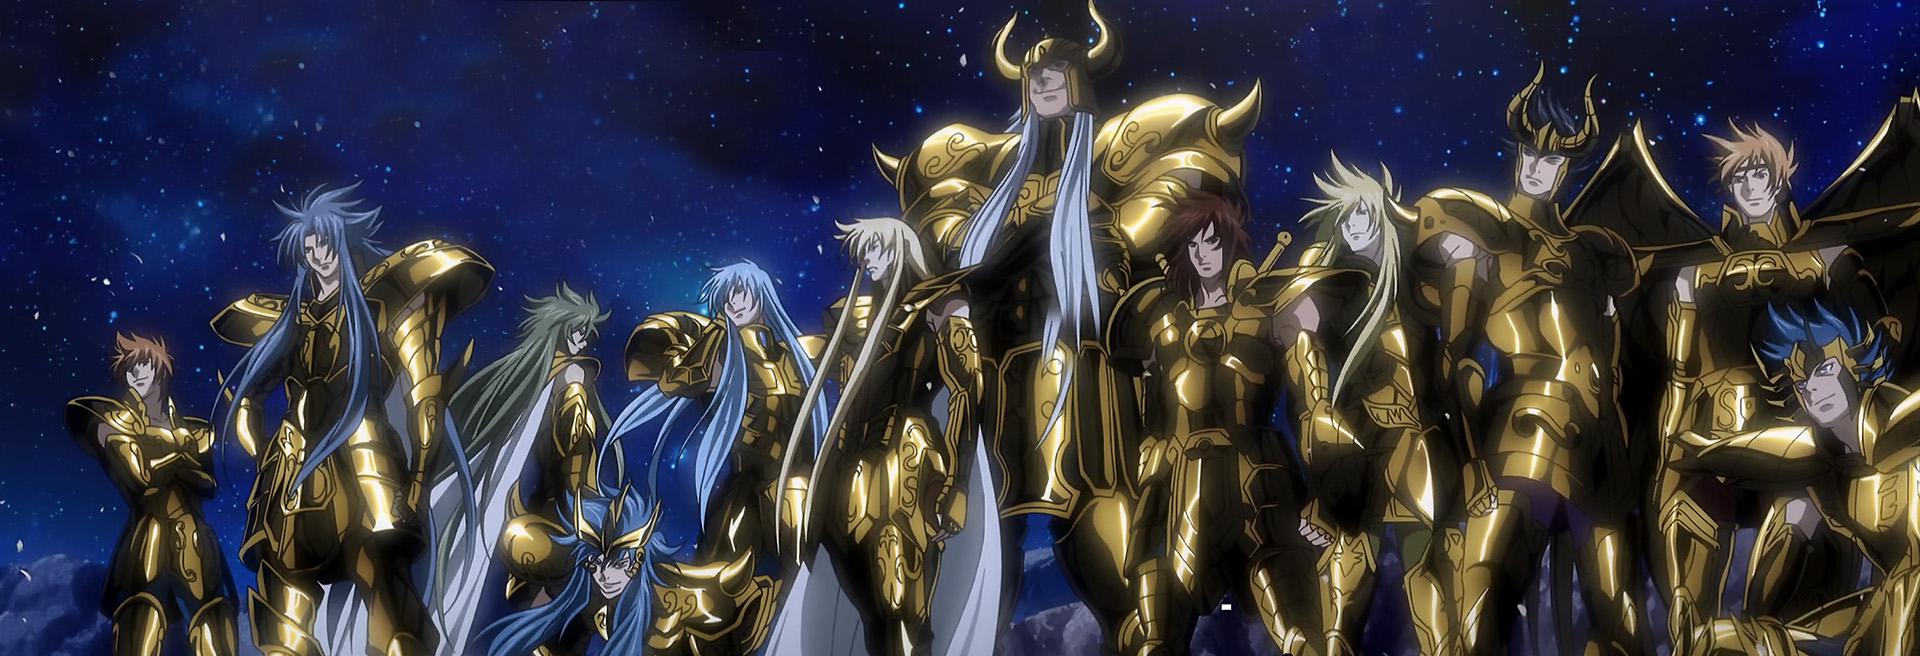 the lost canvas gold saints